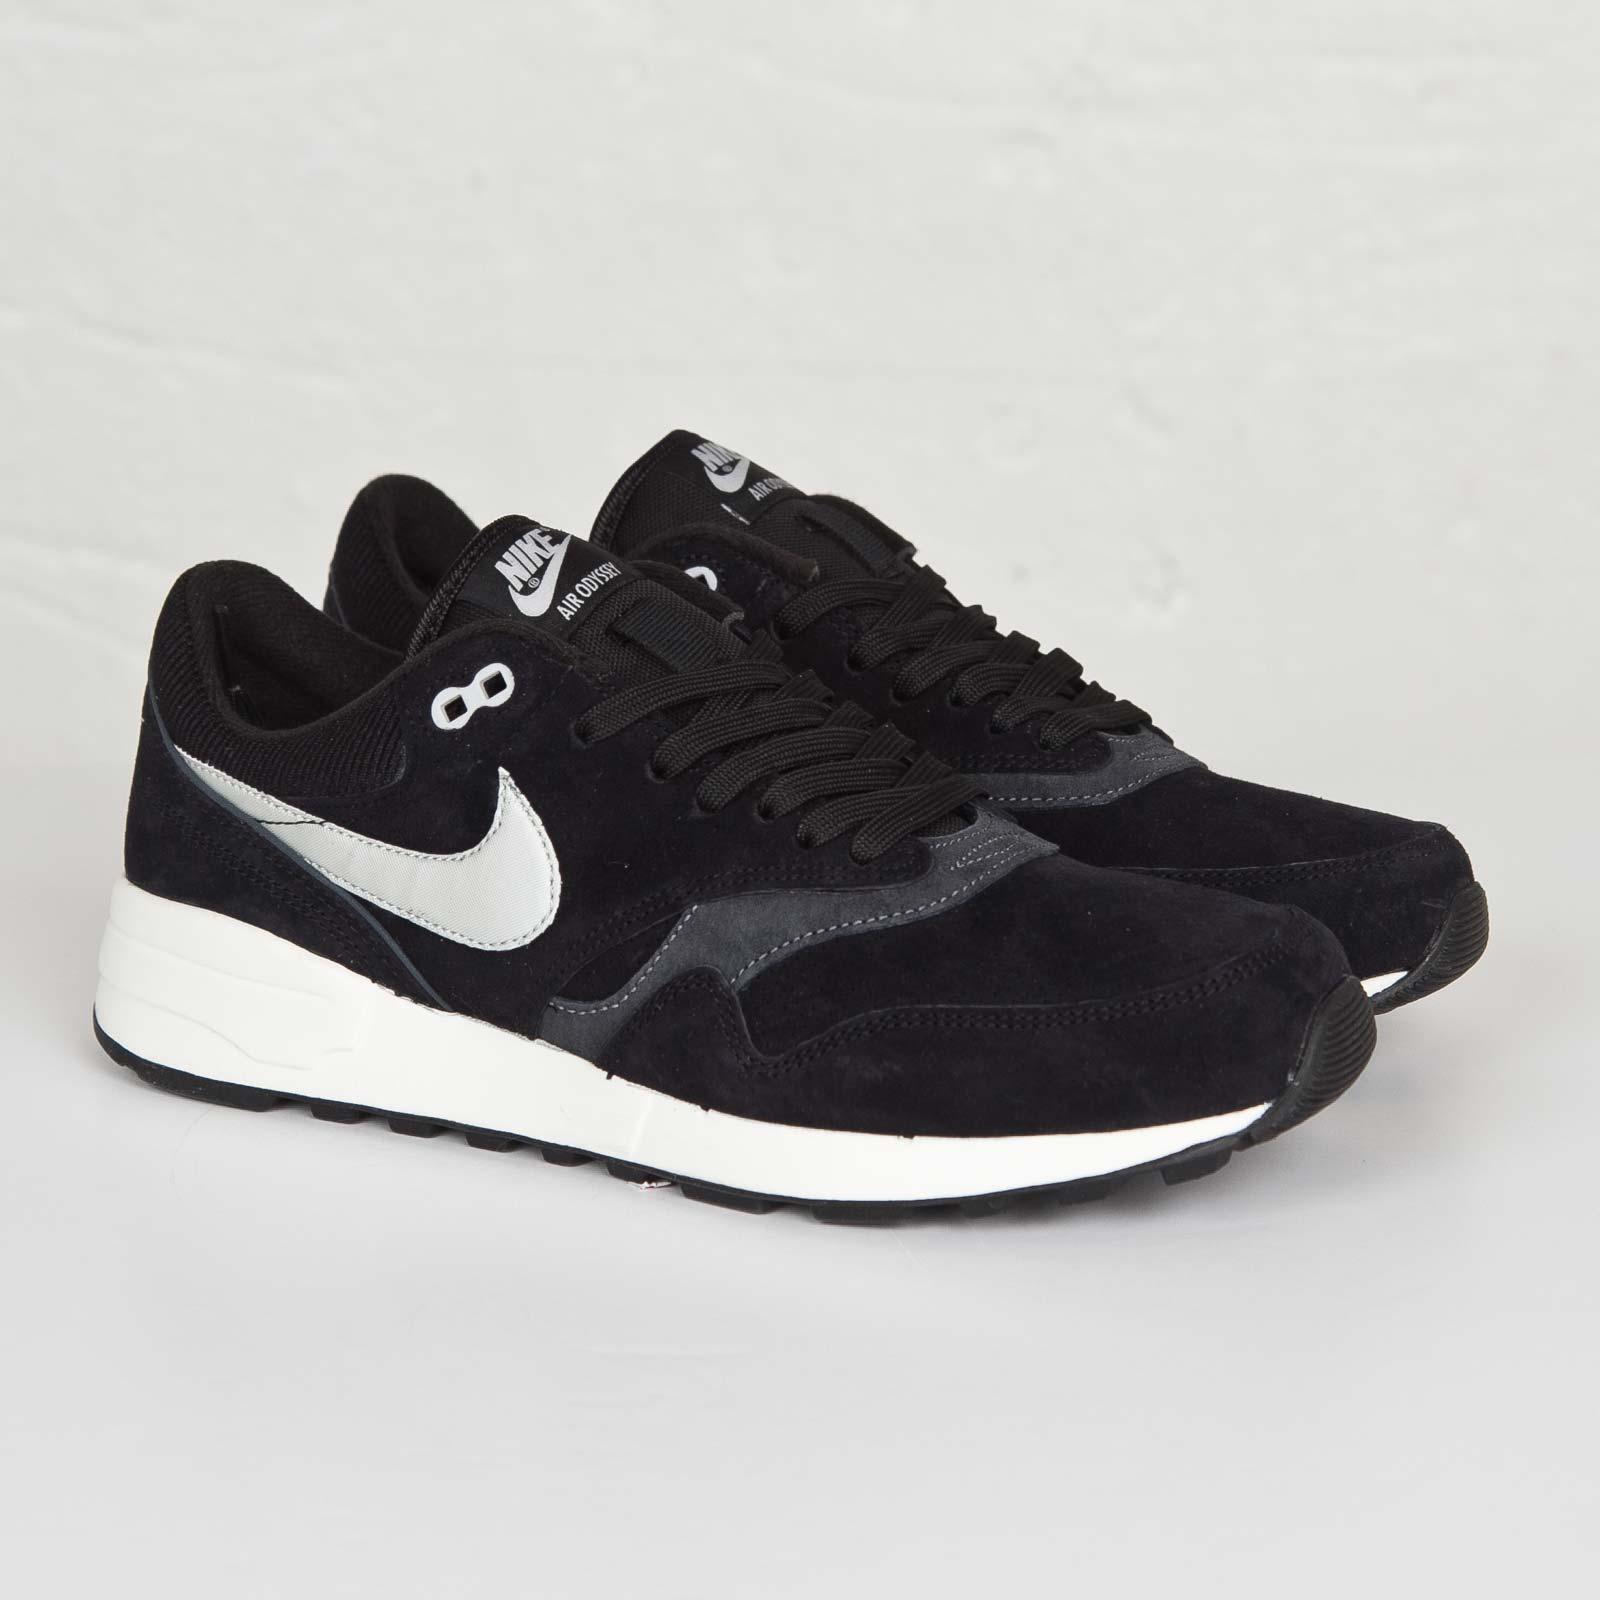 Nike Air Odyssey Leather 684773 005 Sneakersnstuff Sneaker